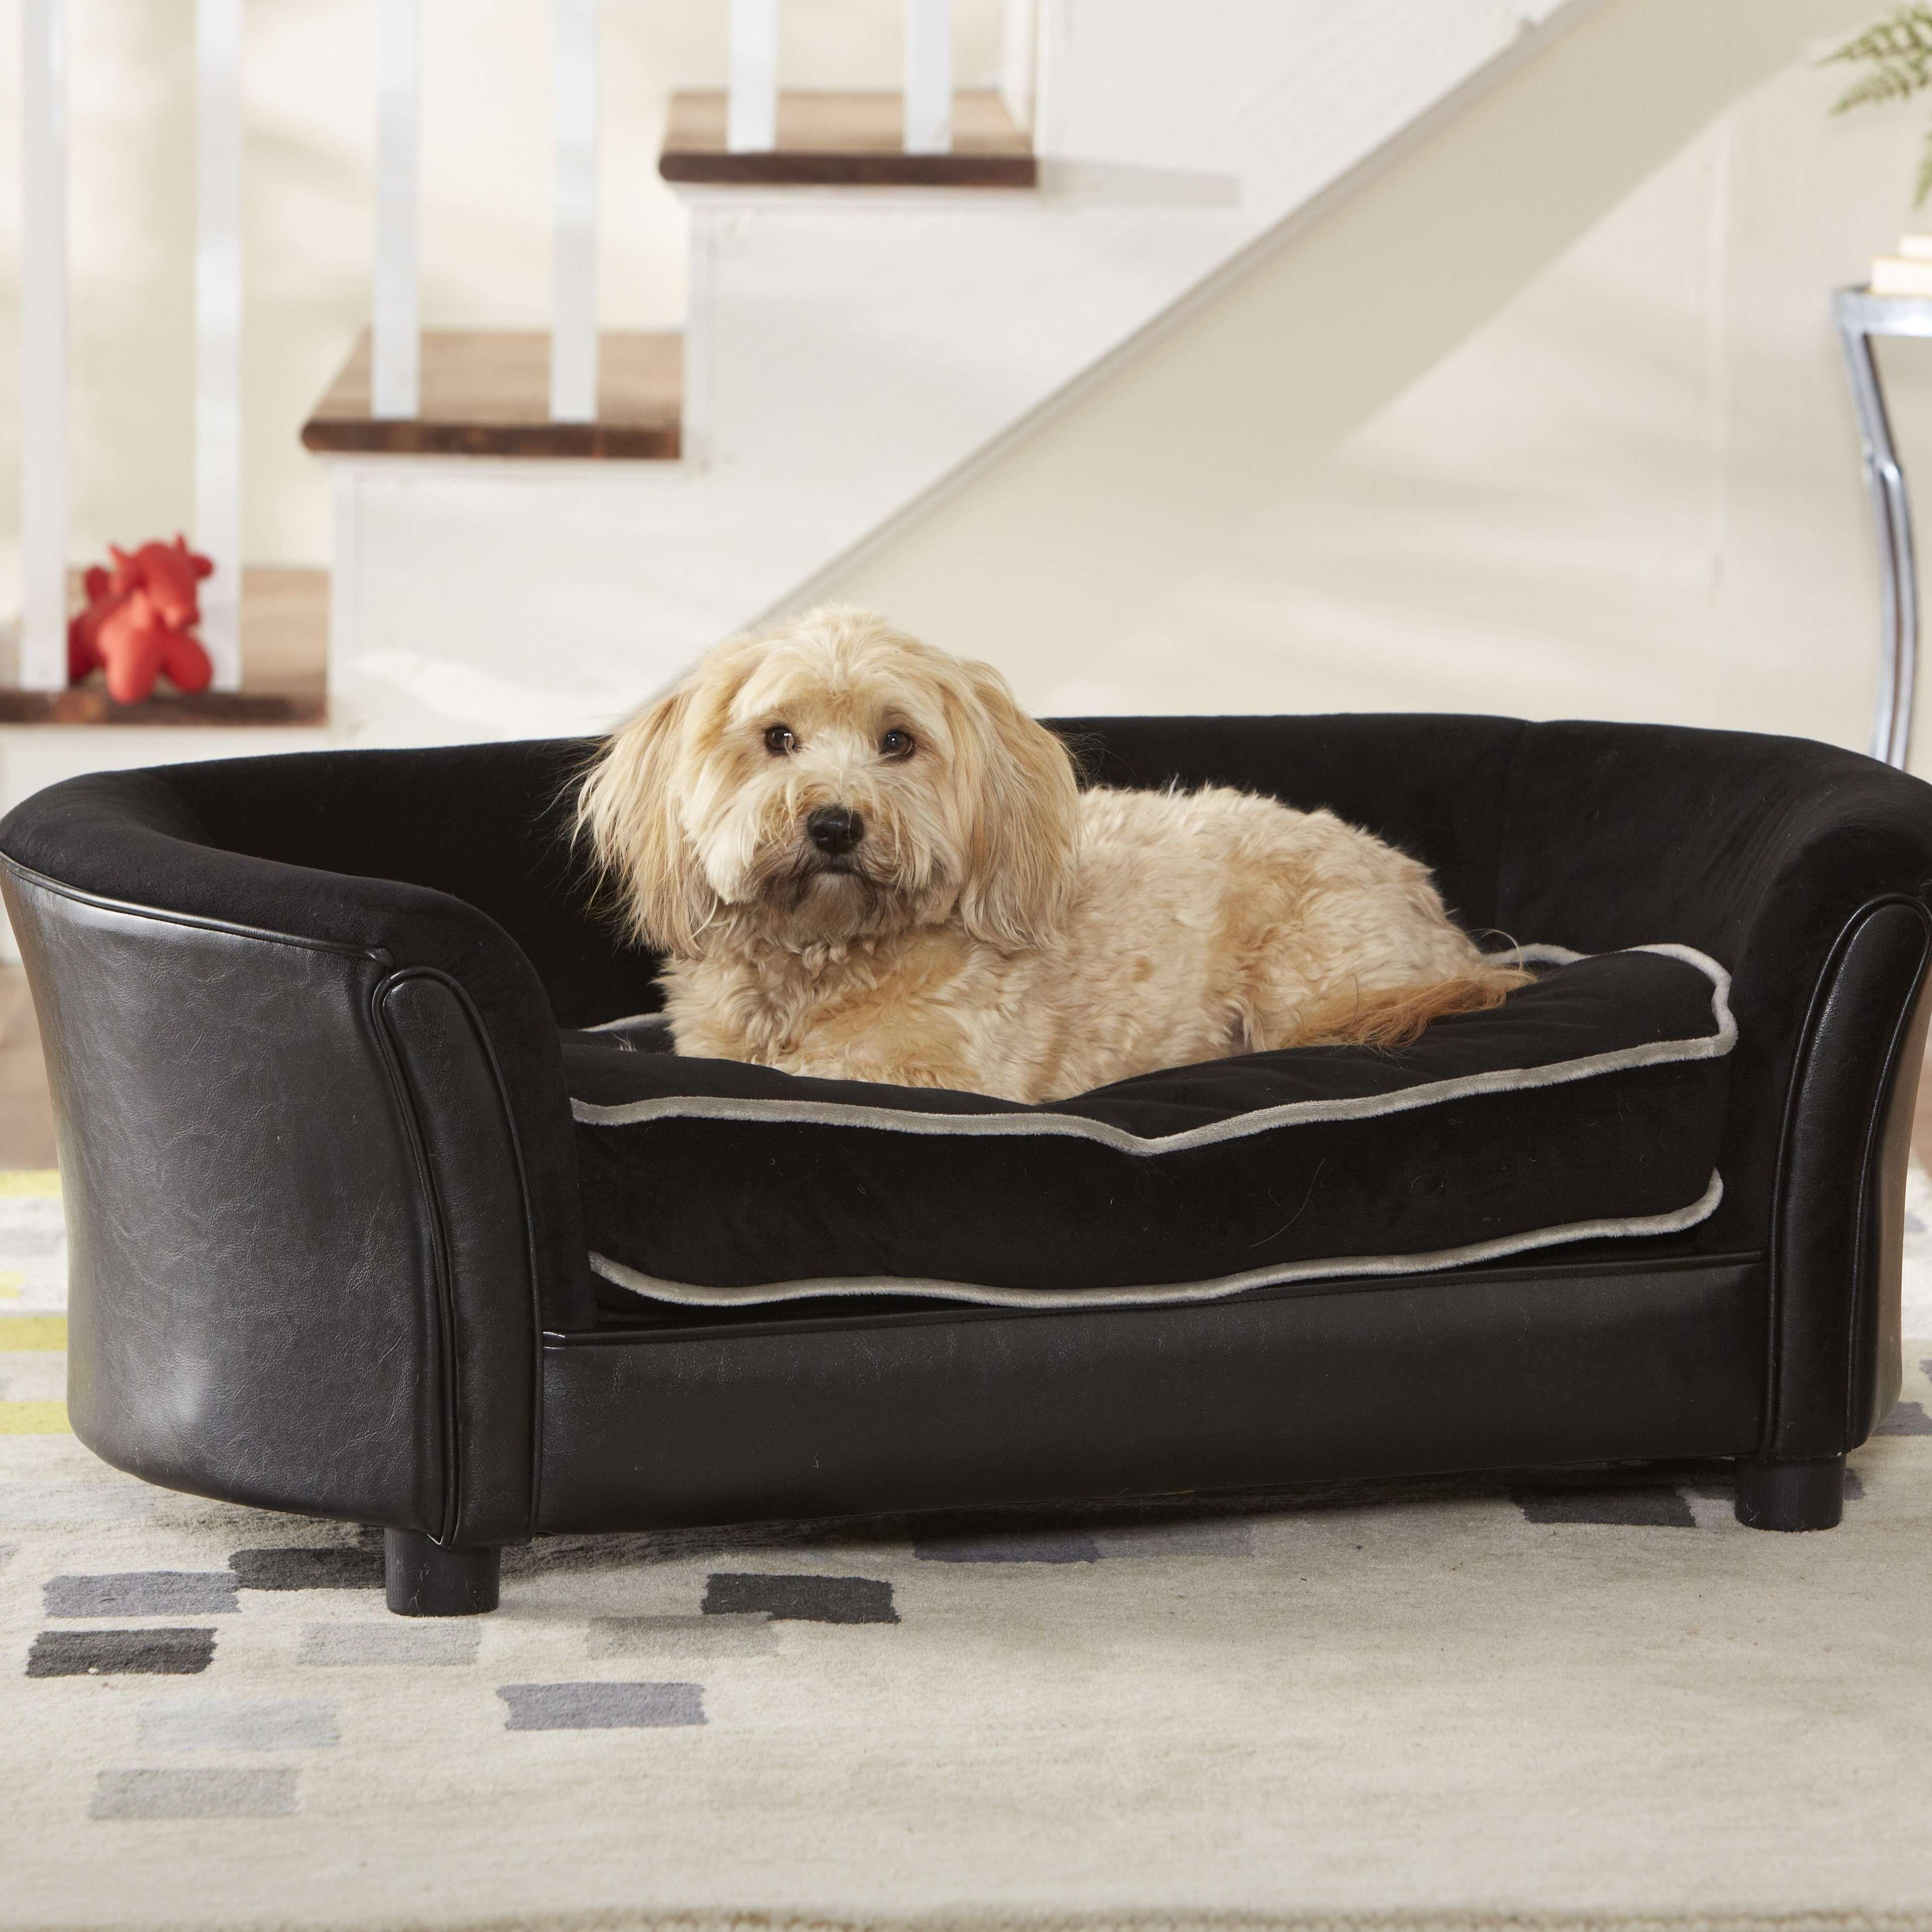 Dog Sofa Beds Australia Large Dog Sofa Bed Dog Sofa Bed Dog Bed Large